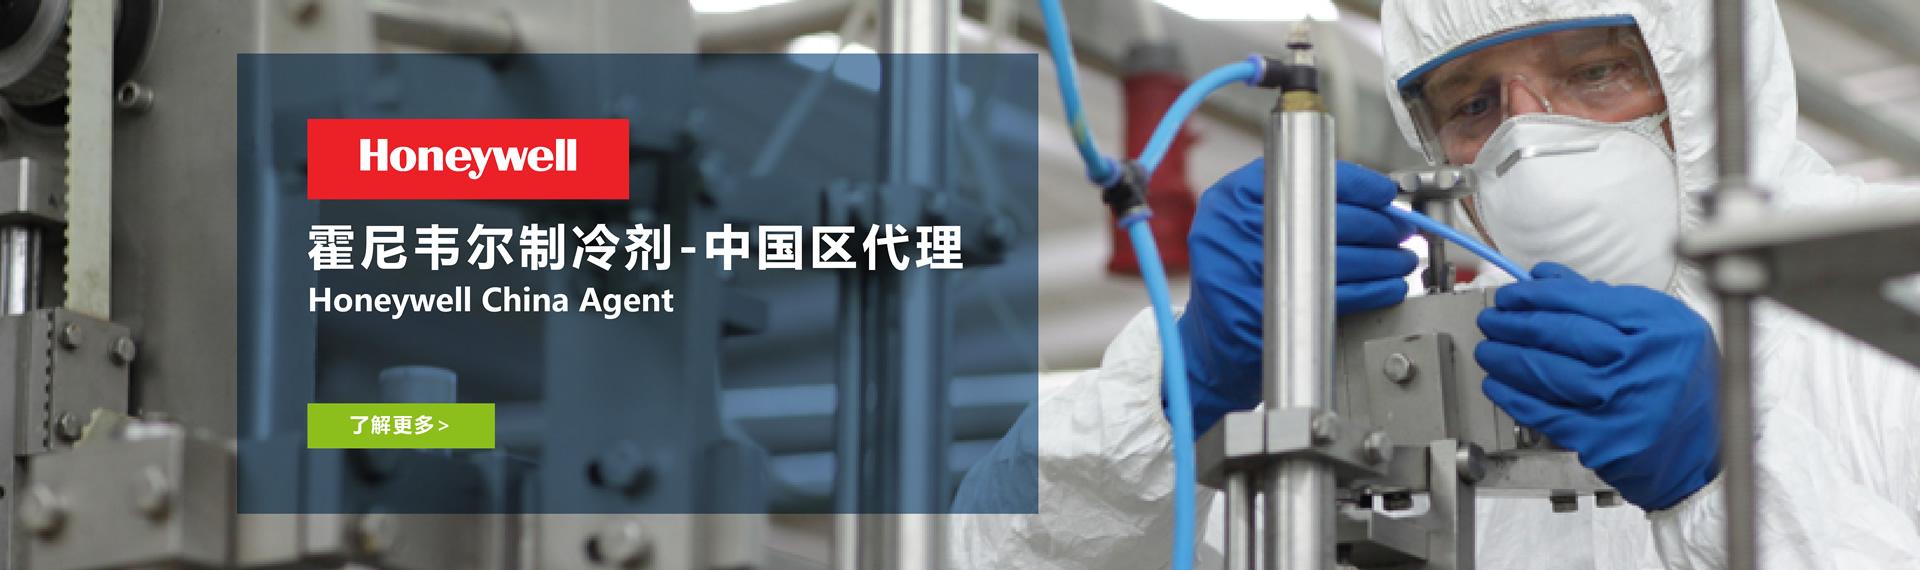 制冷剂公司